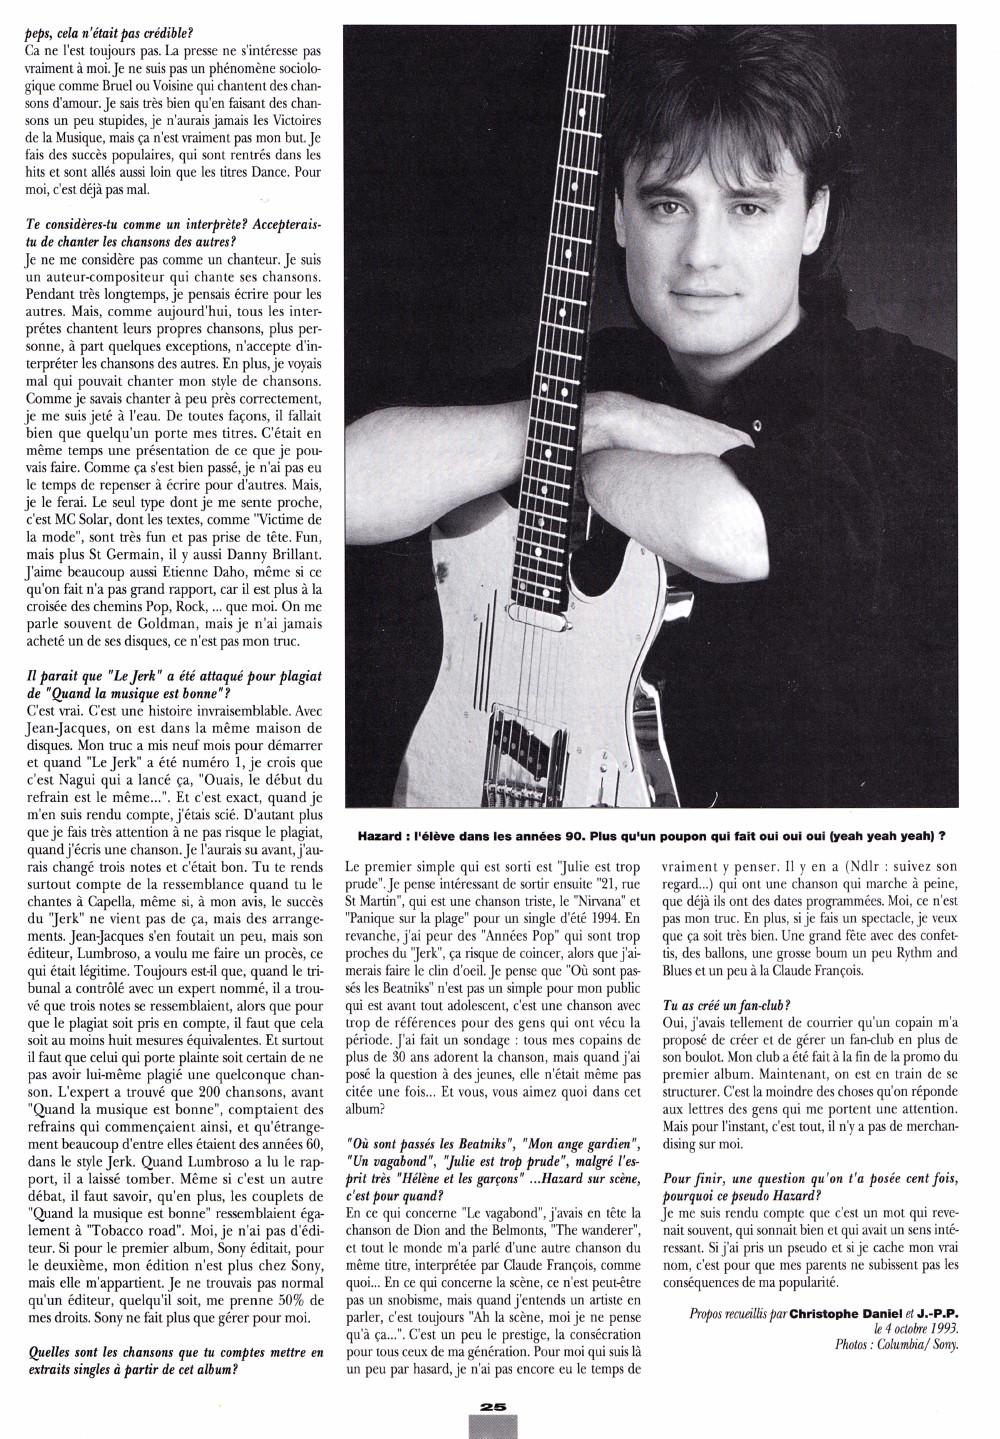 """THIERRY HAZARD (G.P.S., """"Le jerk"""") : interview 1993 dans """"Platine"""" (par Christophe Daniel & Jean-Pierre Pasqualini) 16011111430220773813888361"""